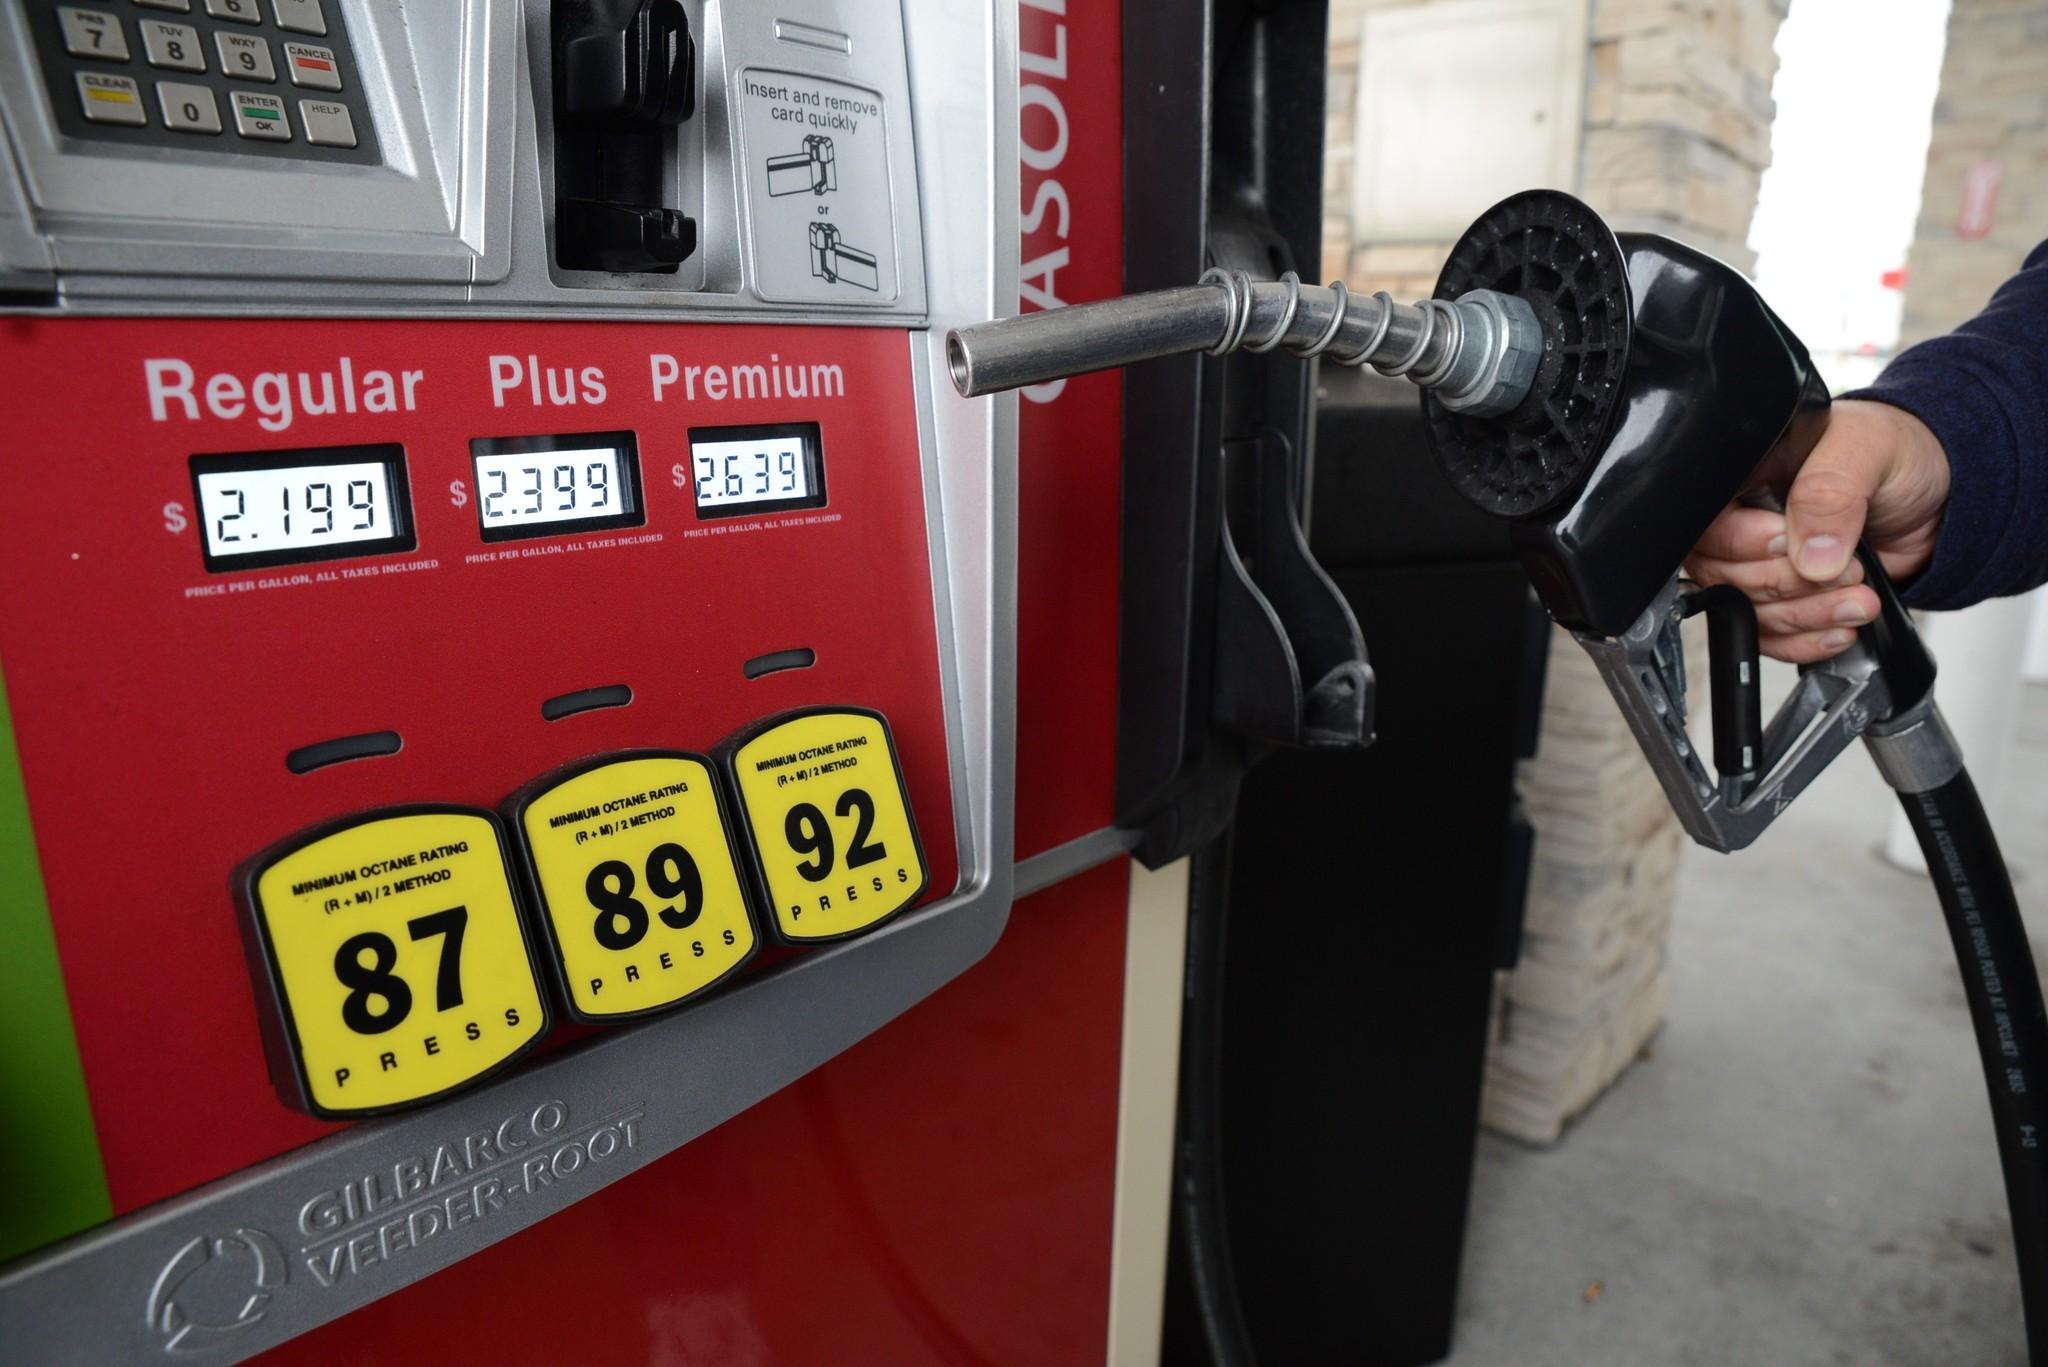 Gas Prices In Orlando Florida >> El precio promedio de la gasolina regular cae en Florida